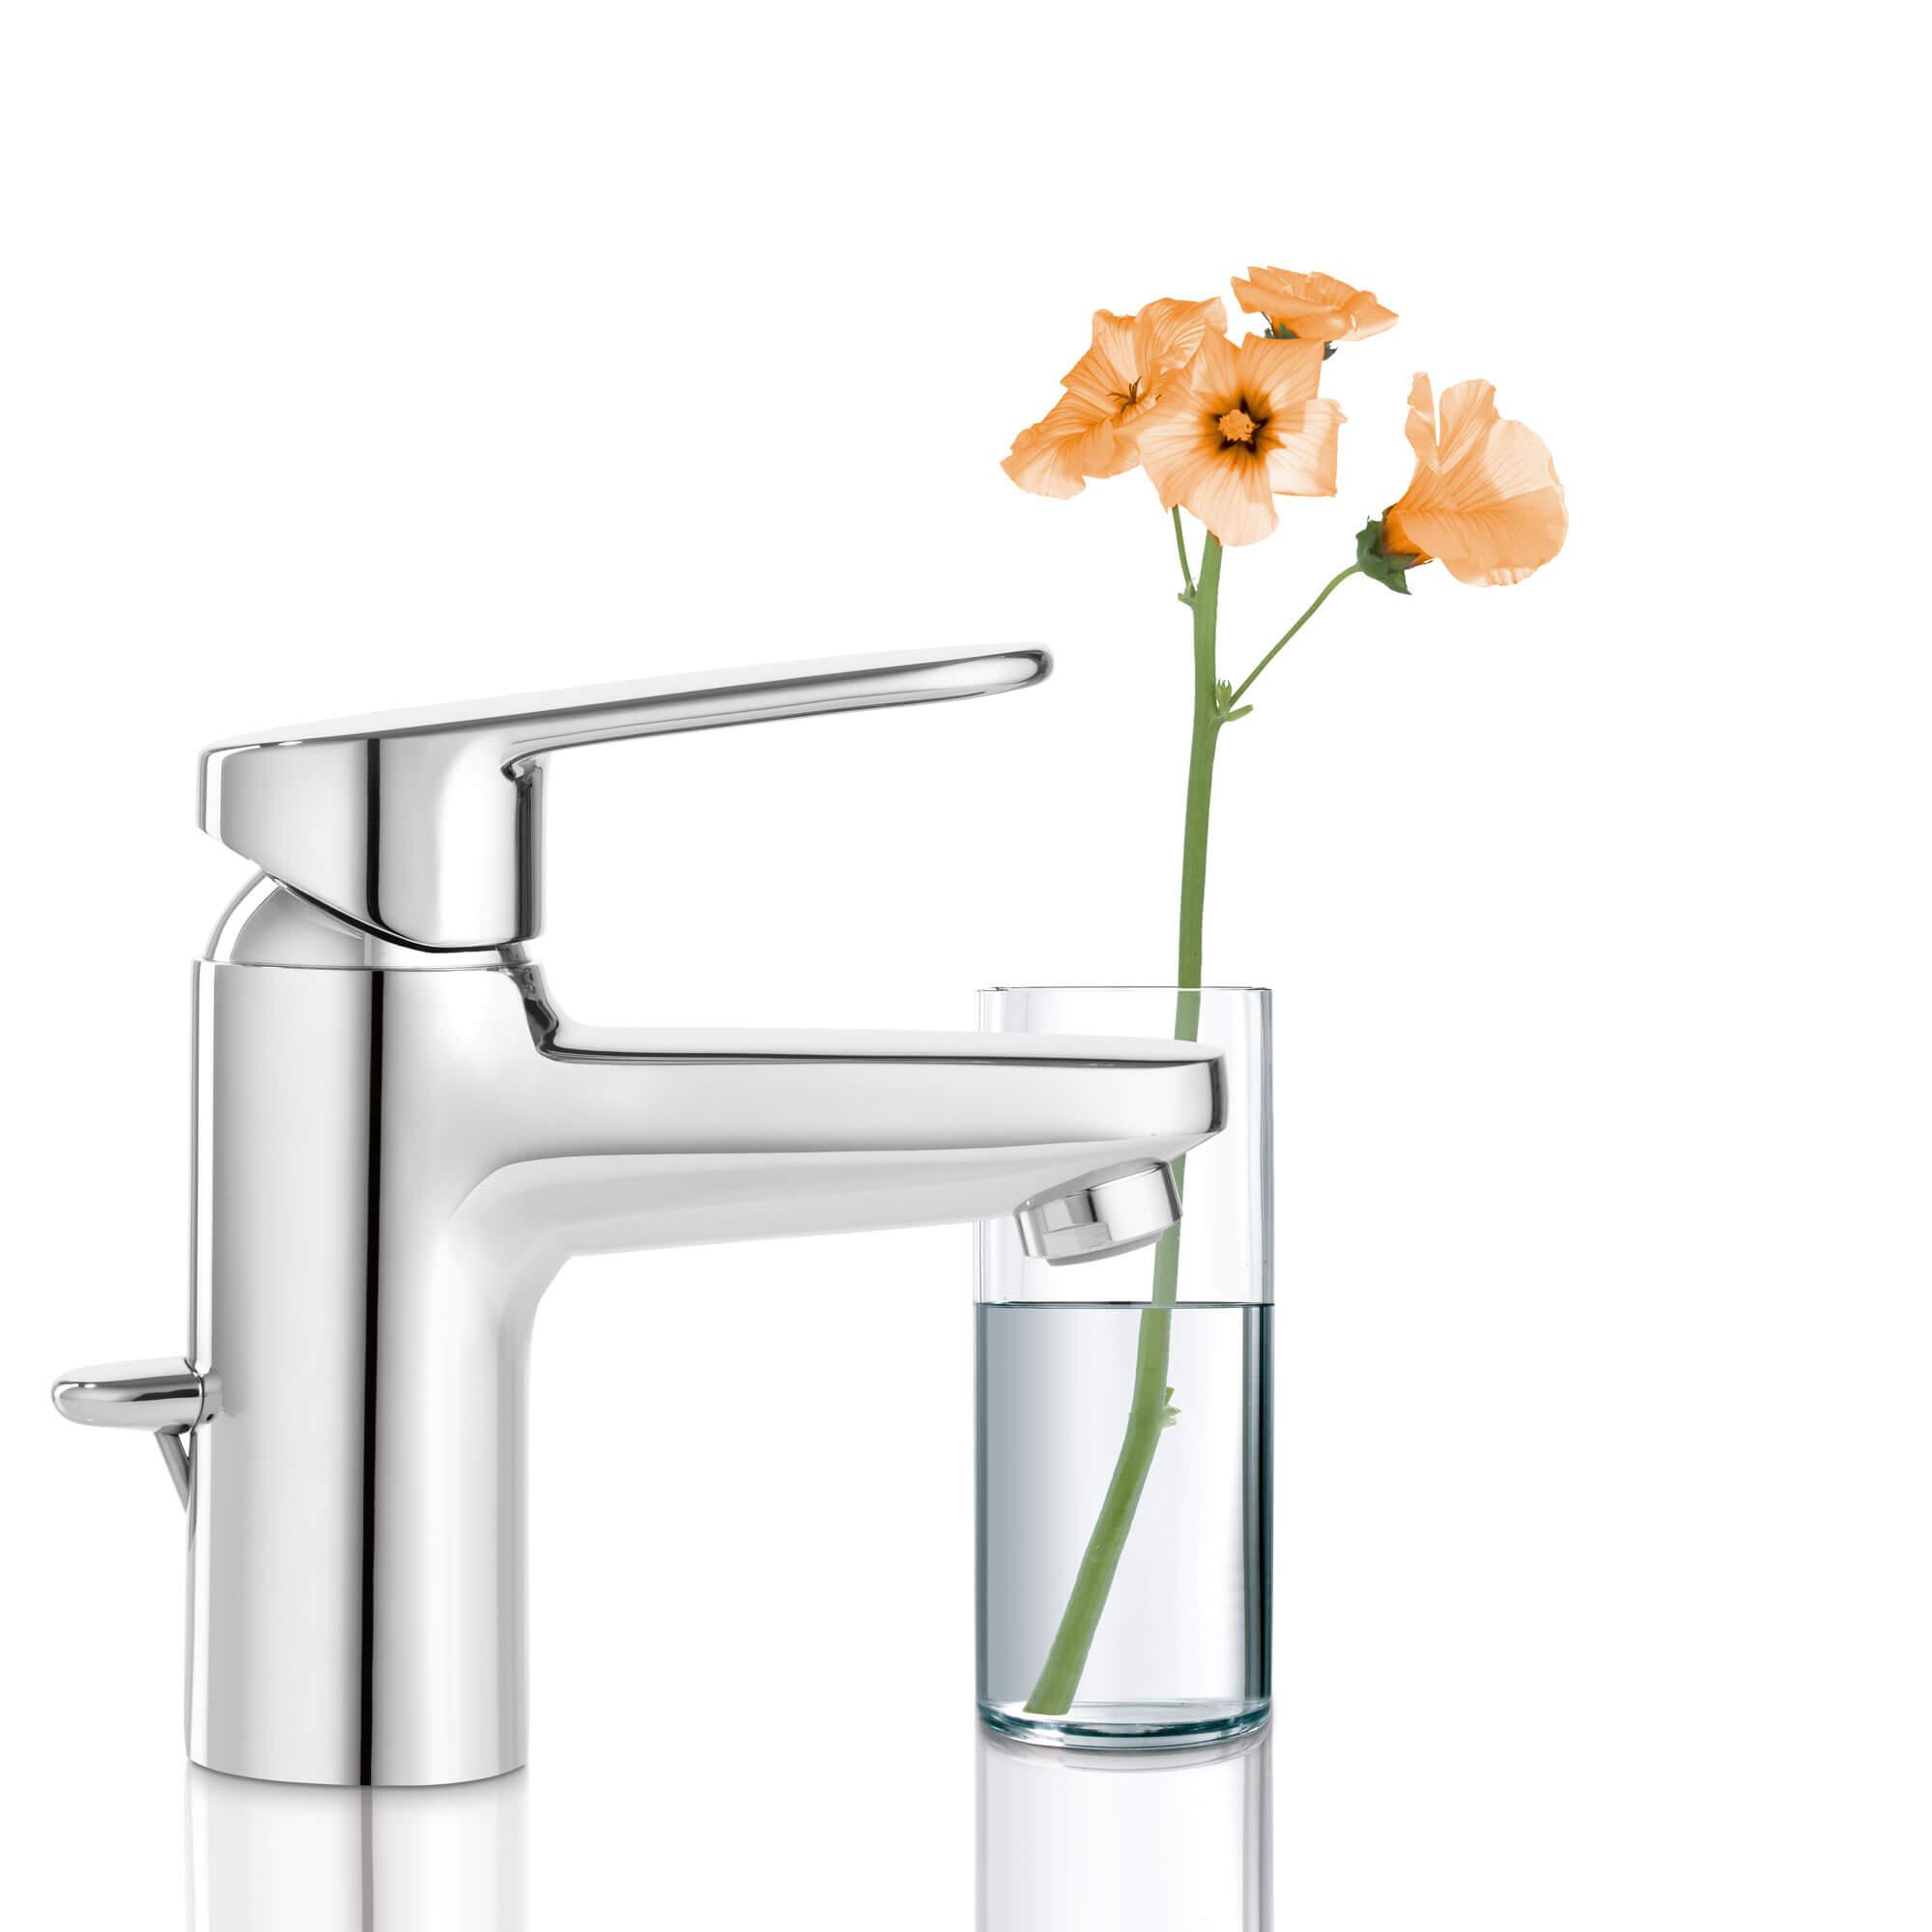 Robinet de salle de bain Europlus à côté d'un verre rempli de fleurs.